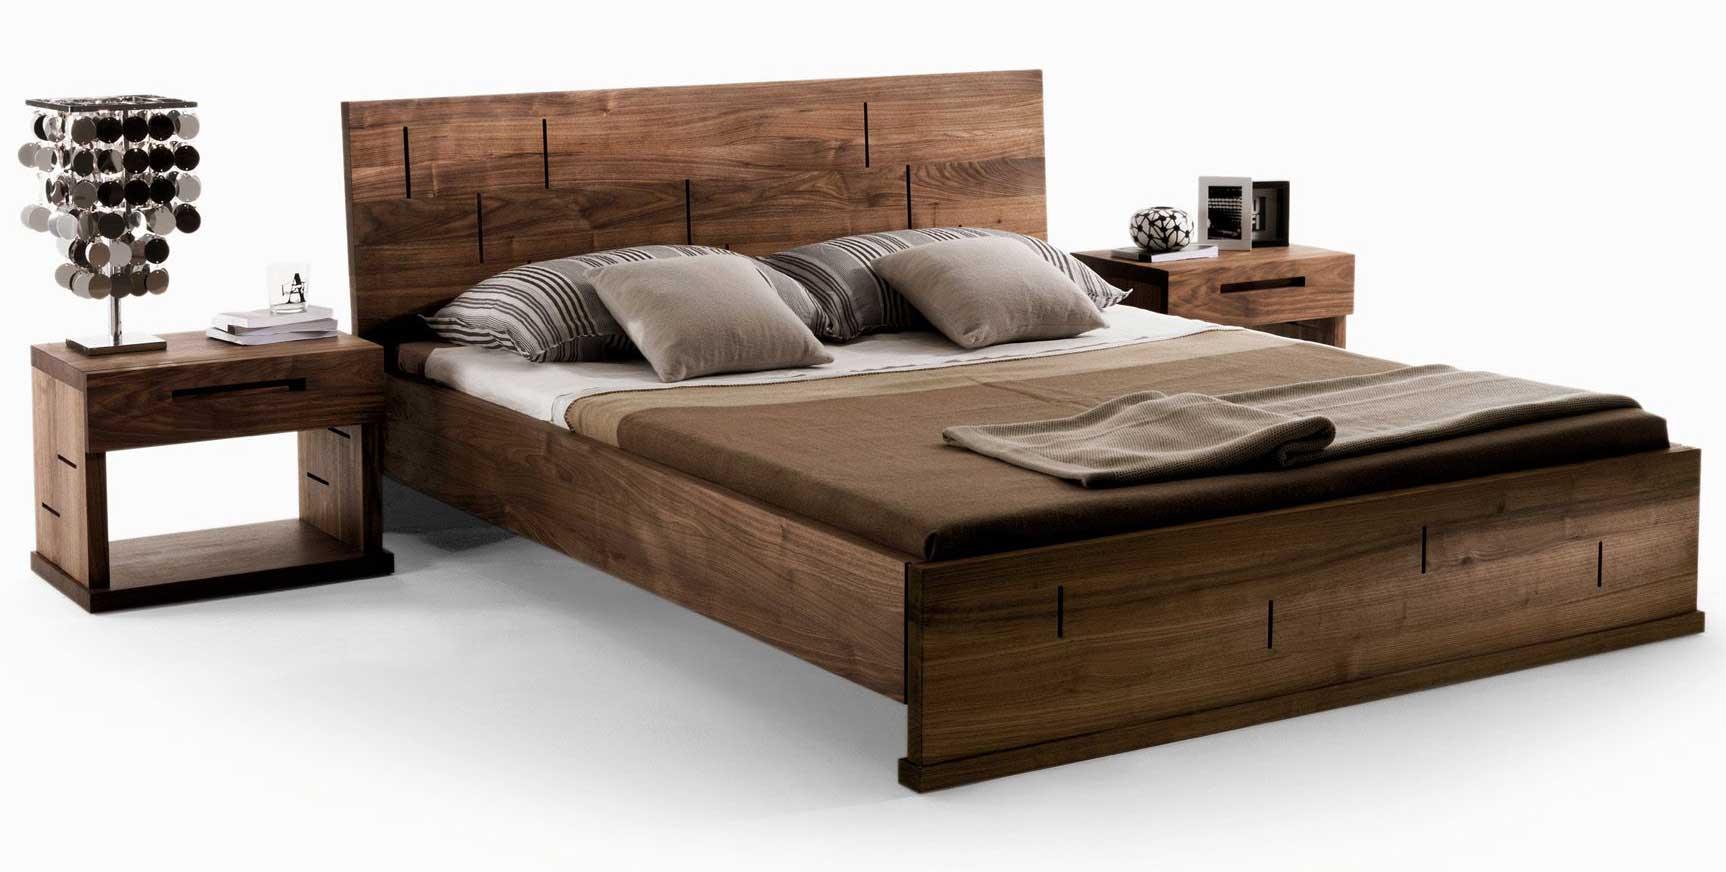 Vera bed riva 1920 wood for Furniture 0ne